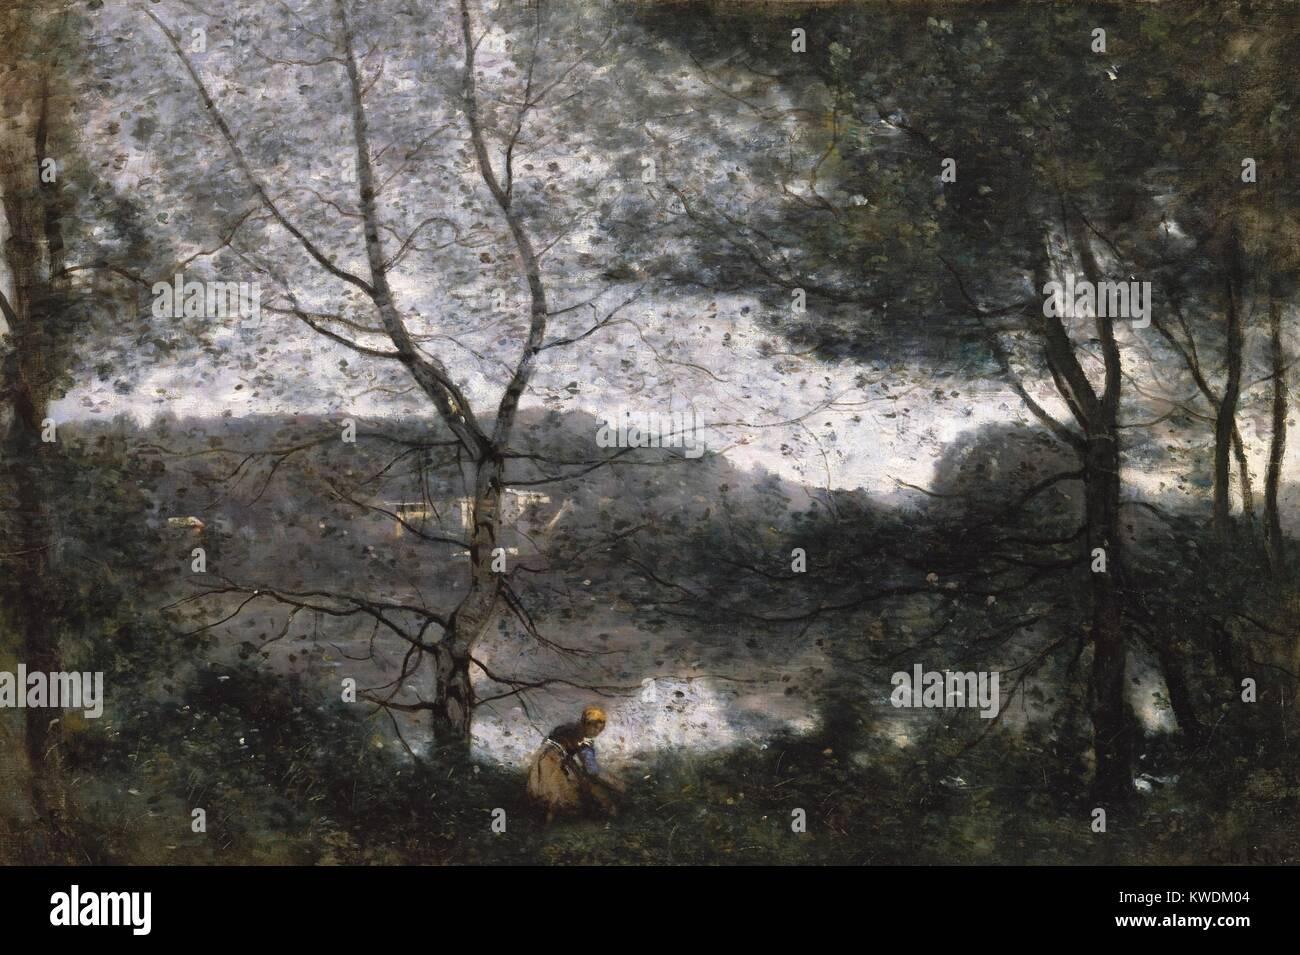 VILLE-DAVRAY, von Camille Corot, 1870, Französische Malerei, Öl auf Leinwand. Dies wird gemalt, auf dem Stockbild